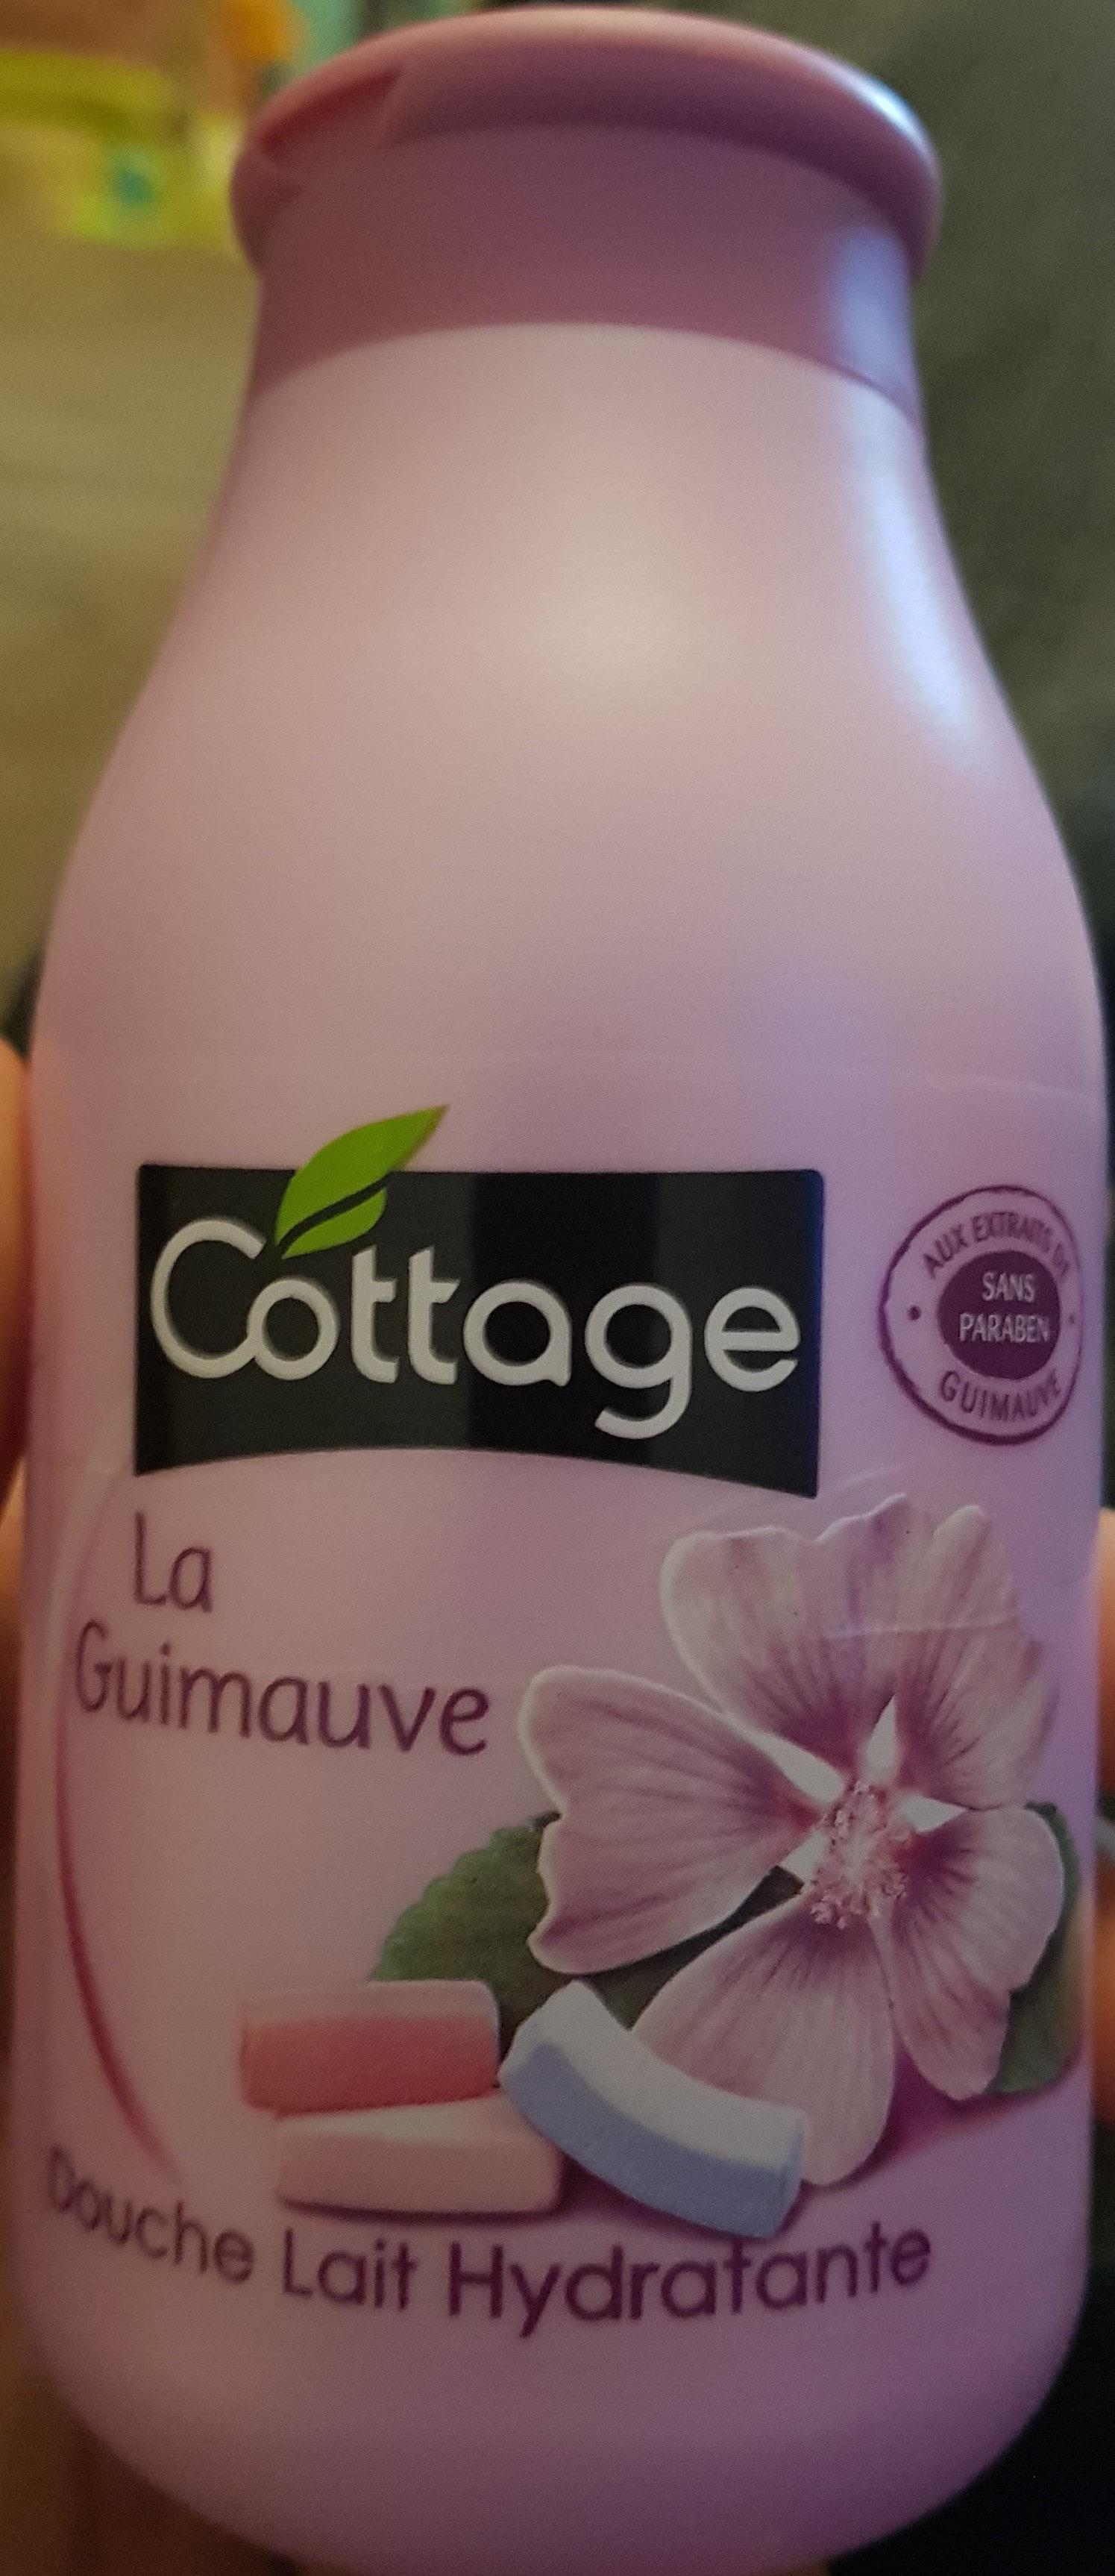 La guimauve douche lait hydratante - Produit - fr